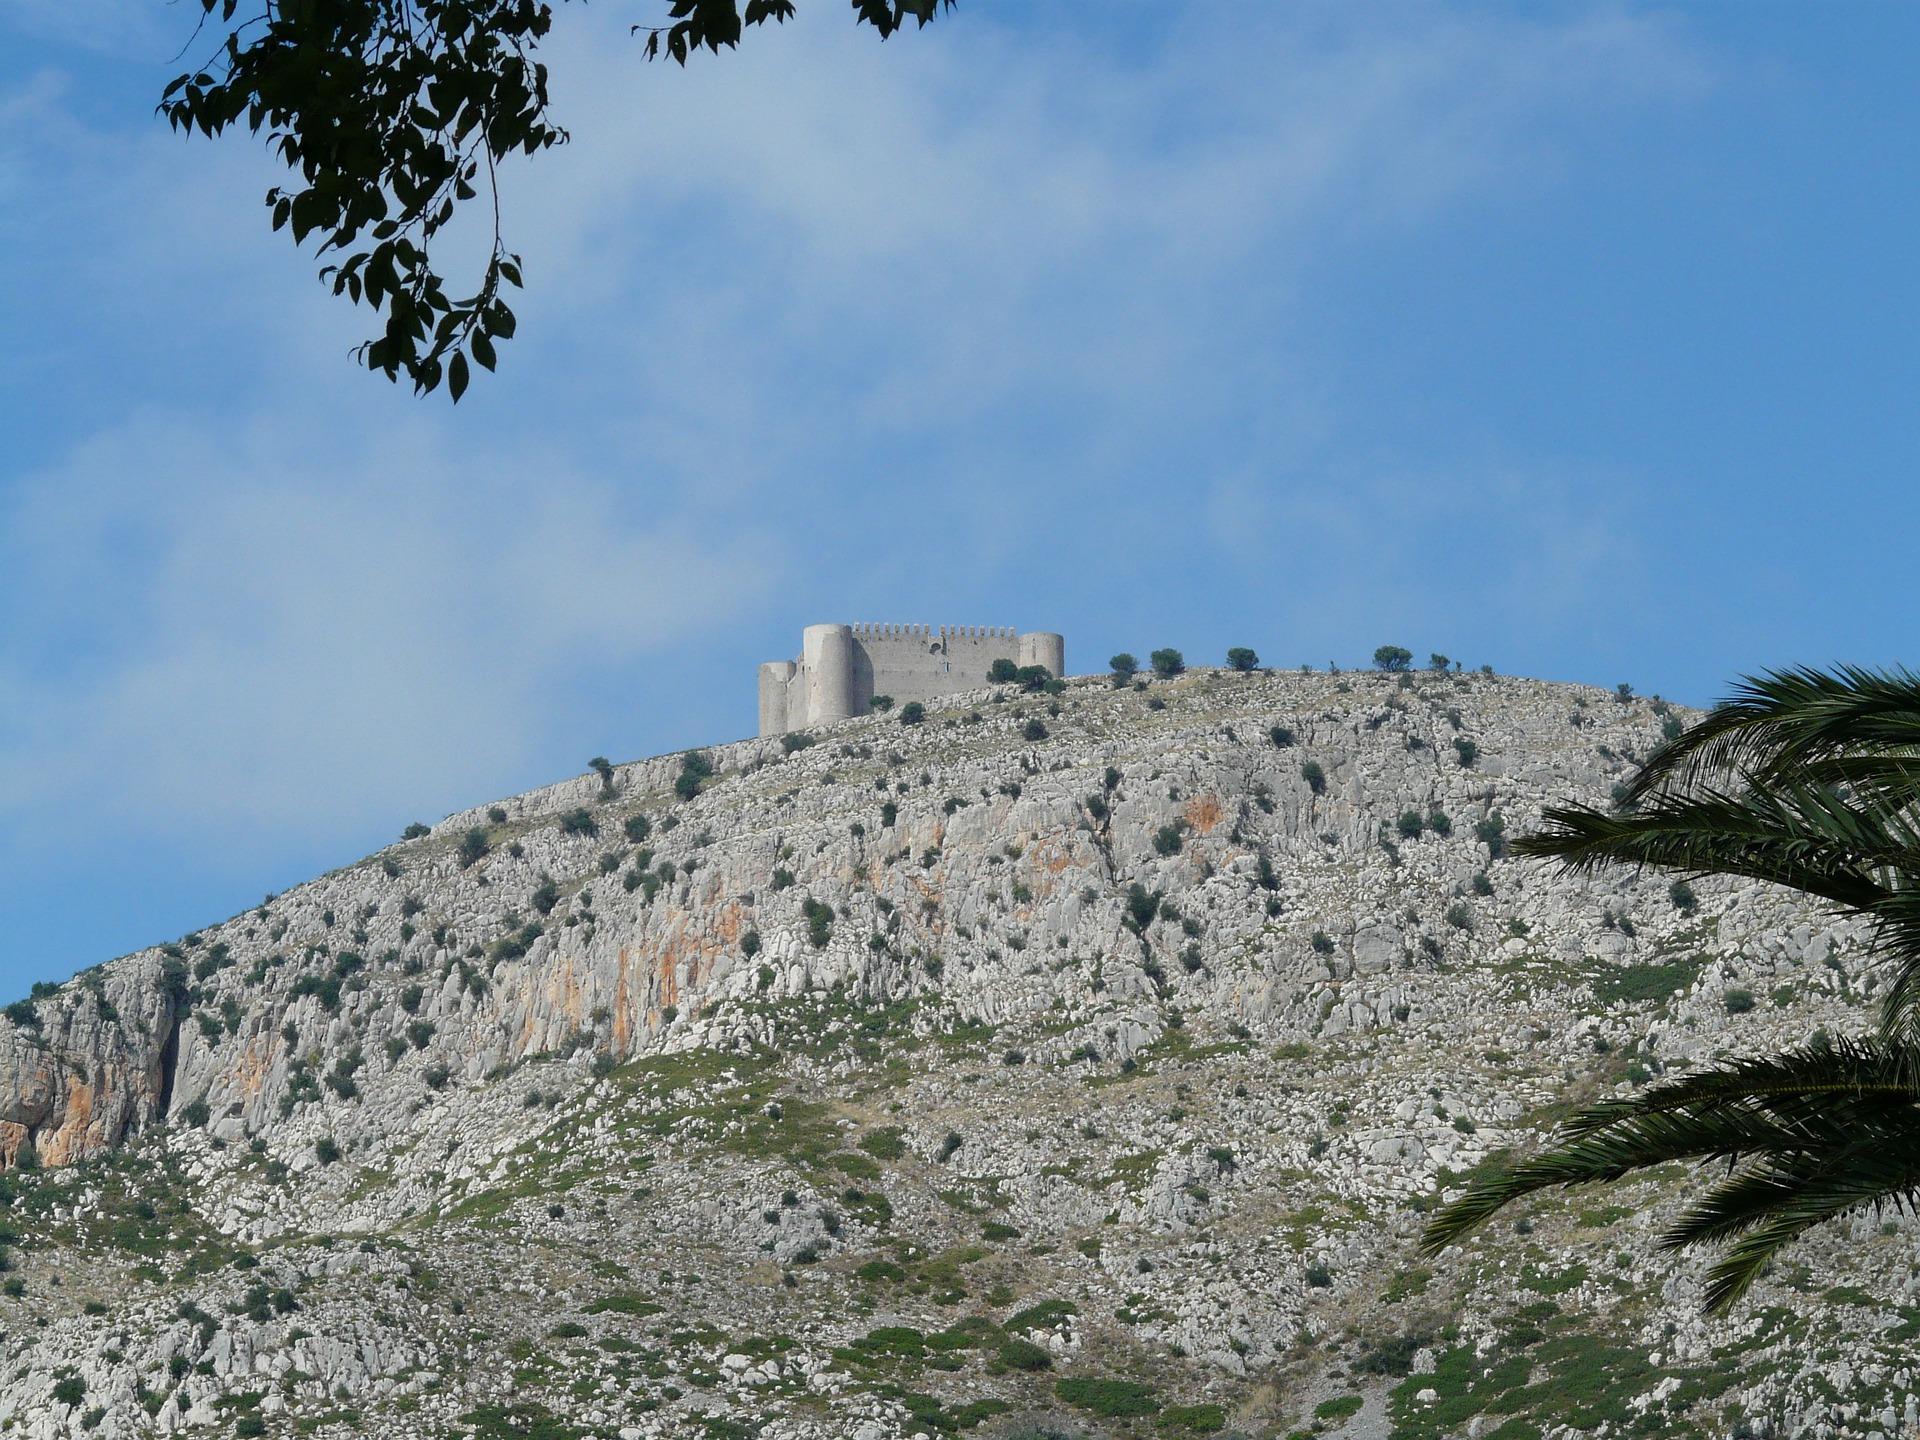 Kloster Montgarri